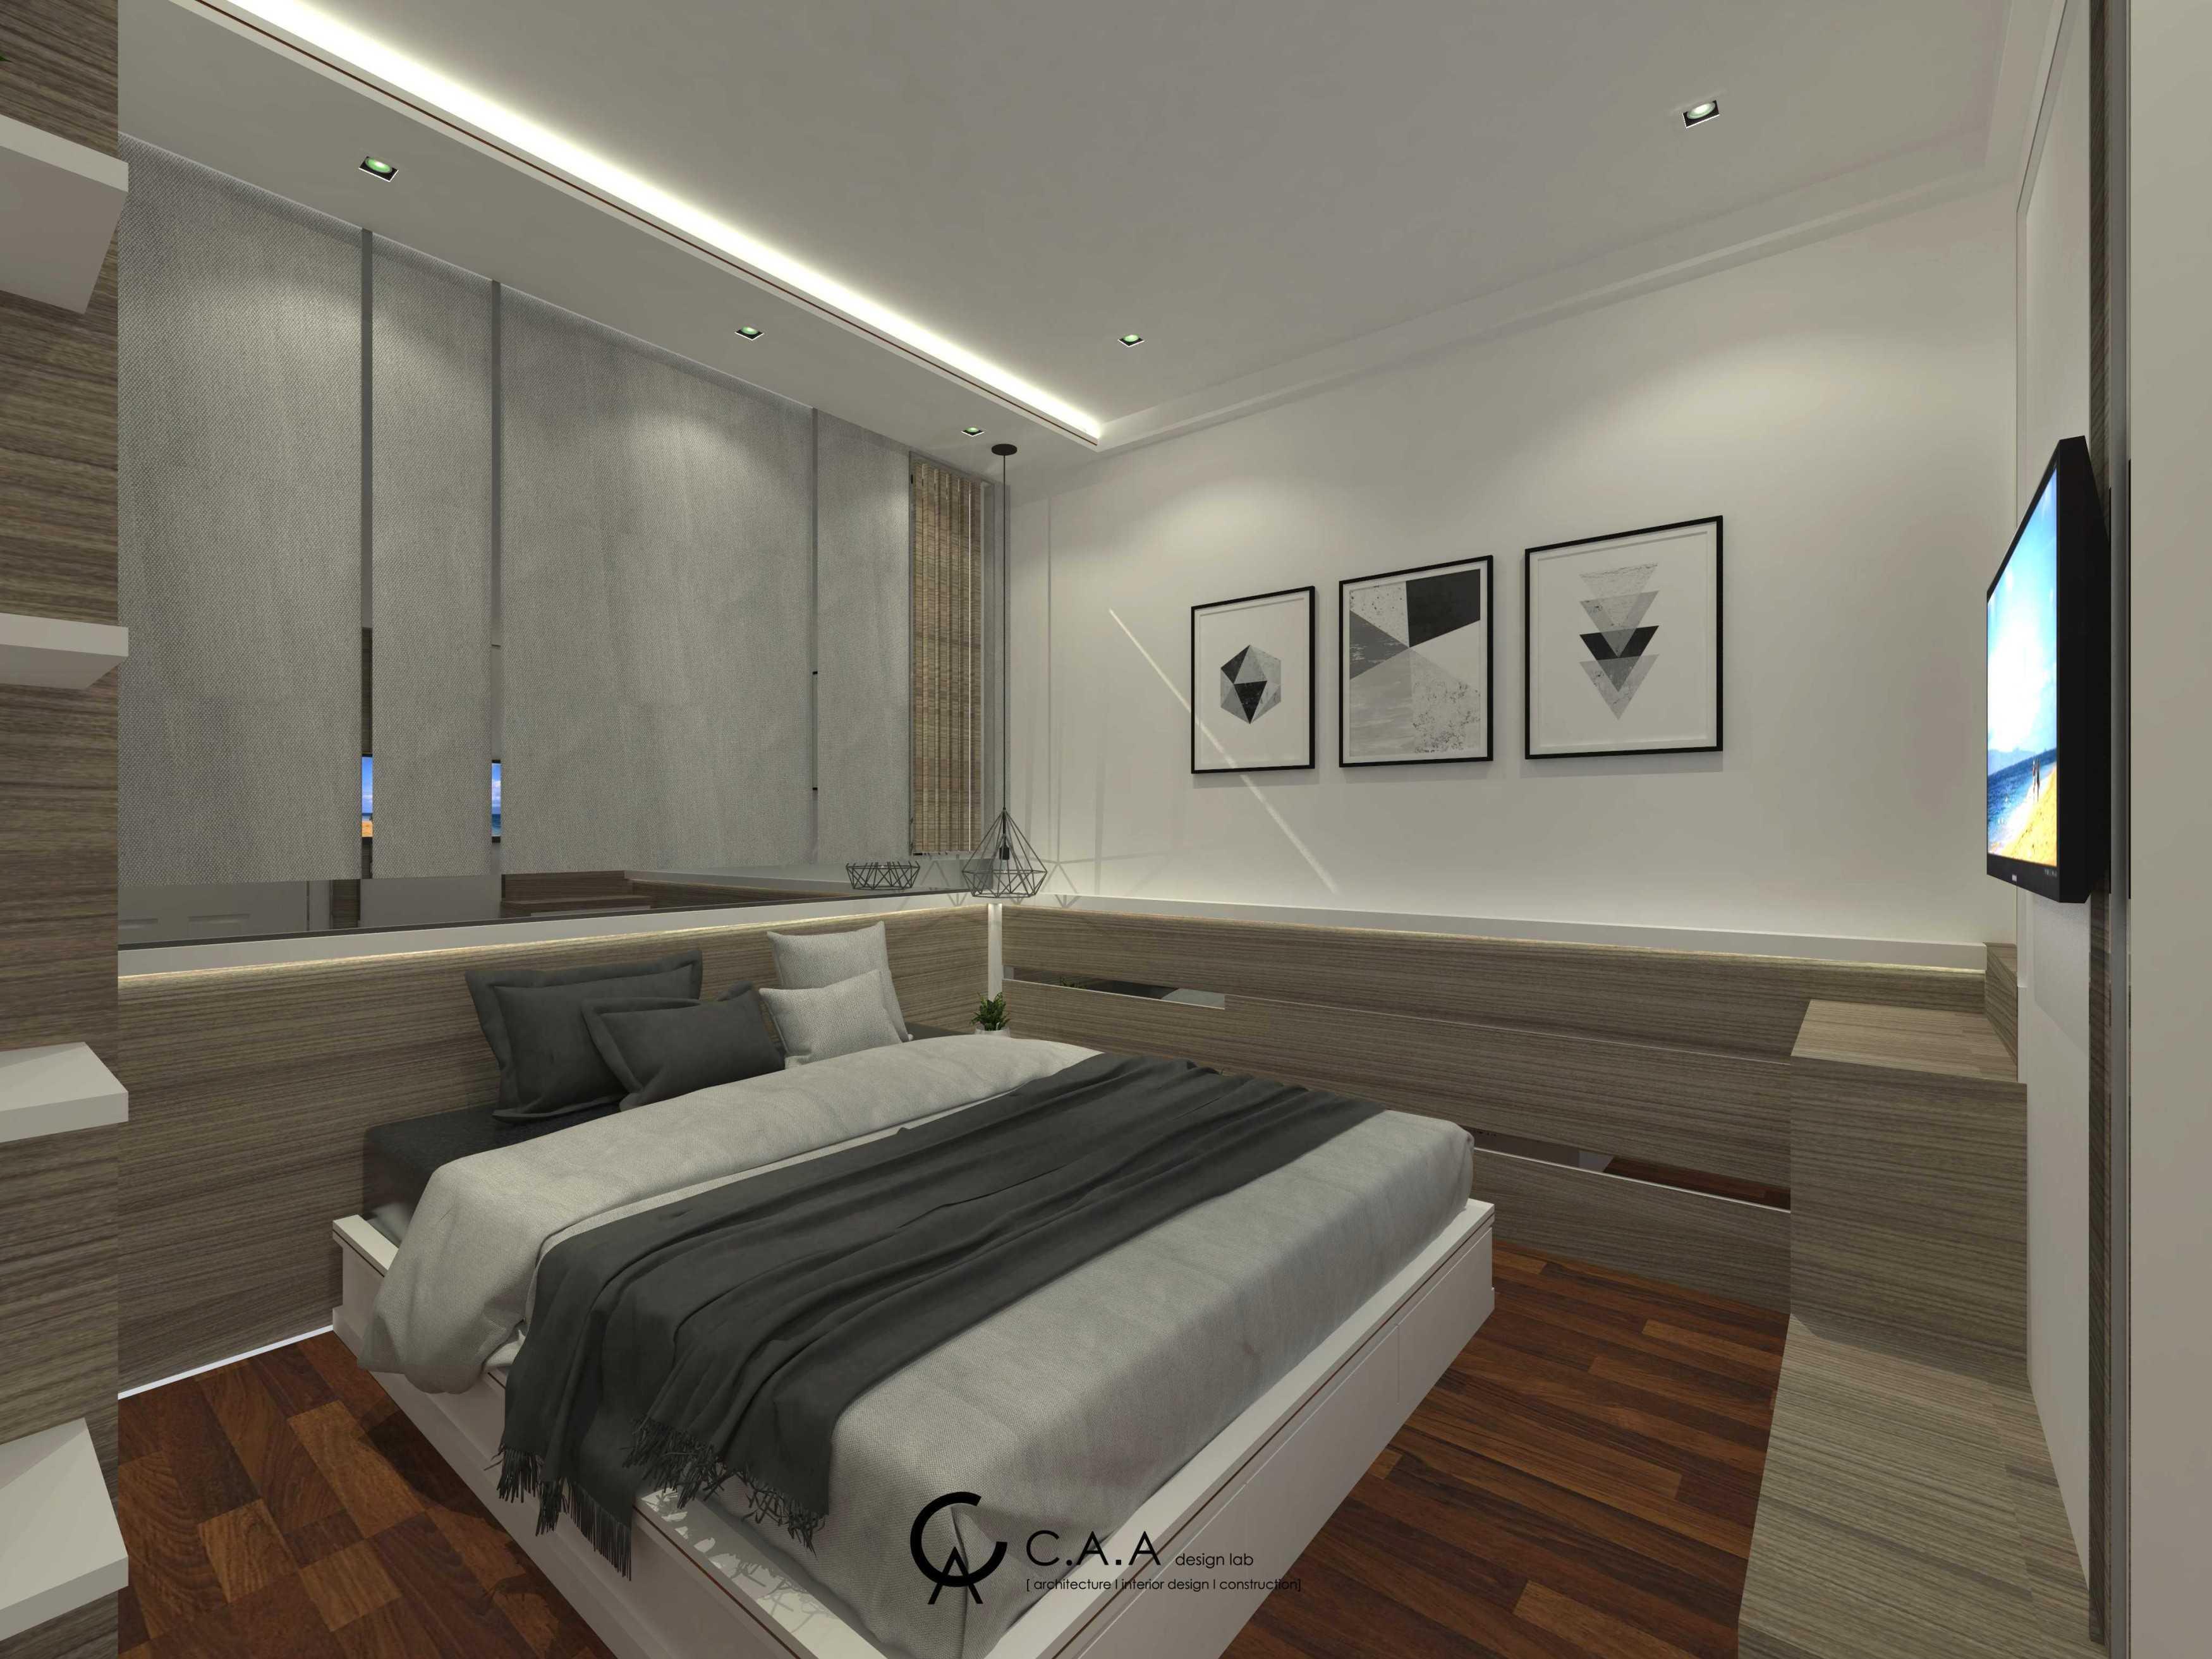 Ada Design Studio Aeropolis Apartment Jl. Aeropolis, Neglasari, Kota Tangerang, Banten 15129, Indonesia Jl. Aeropolis, Neglasari, Kota Tangerang, Banten 15129, Indonesia Ada-Design-Group-Aeropolis-Apartment   67432